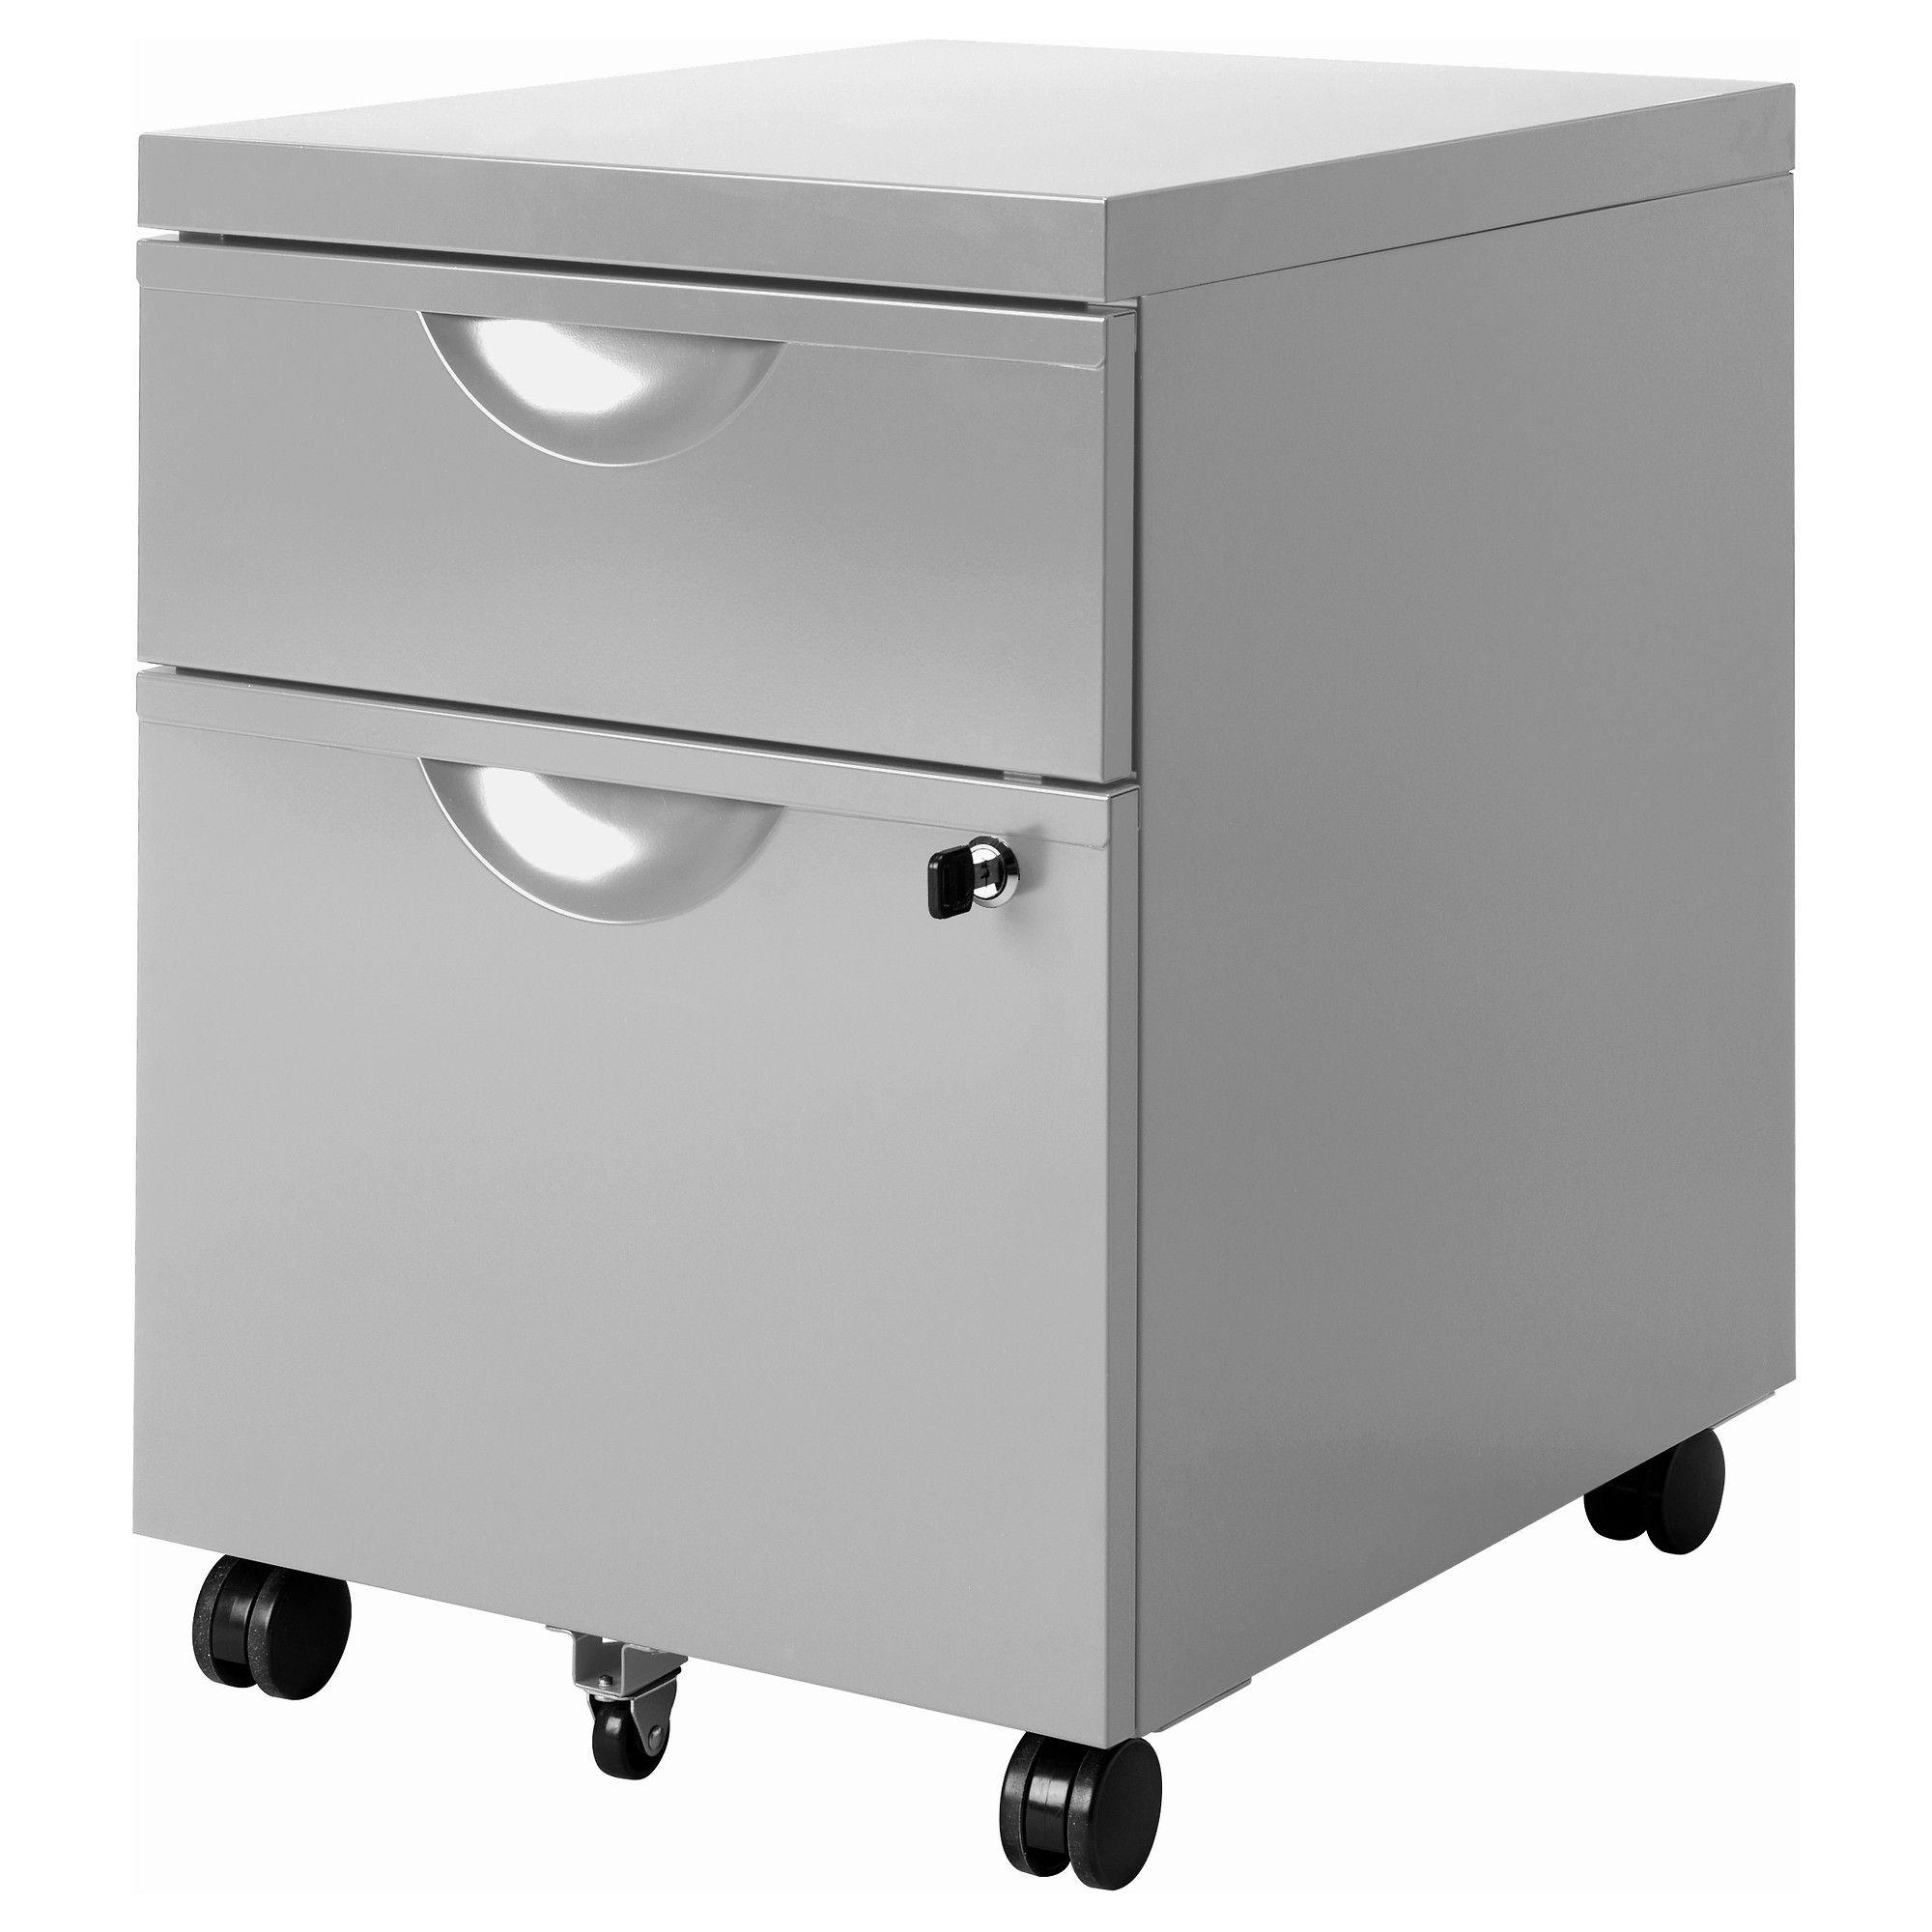 Mobilier Et Decoration Interieur Et Exterieur Classeur Ikea Tiroir